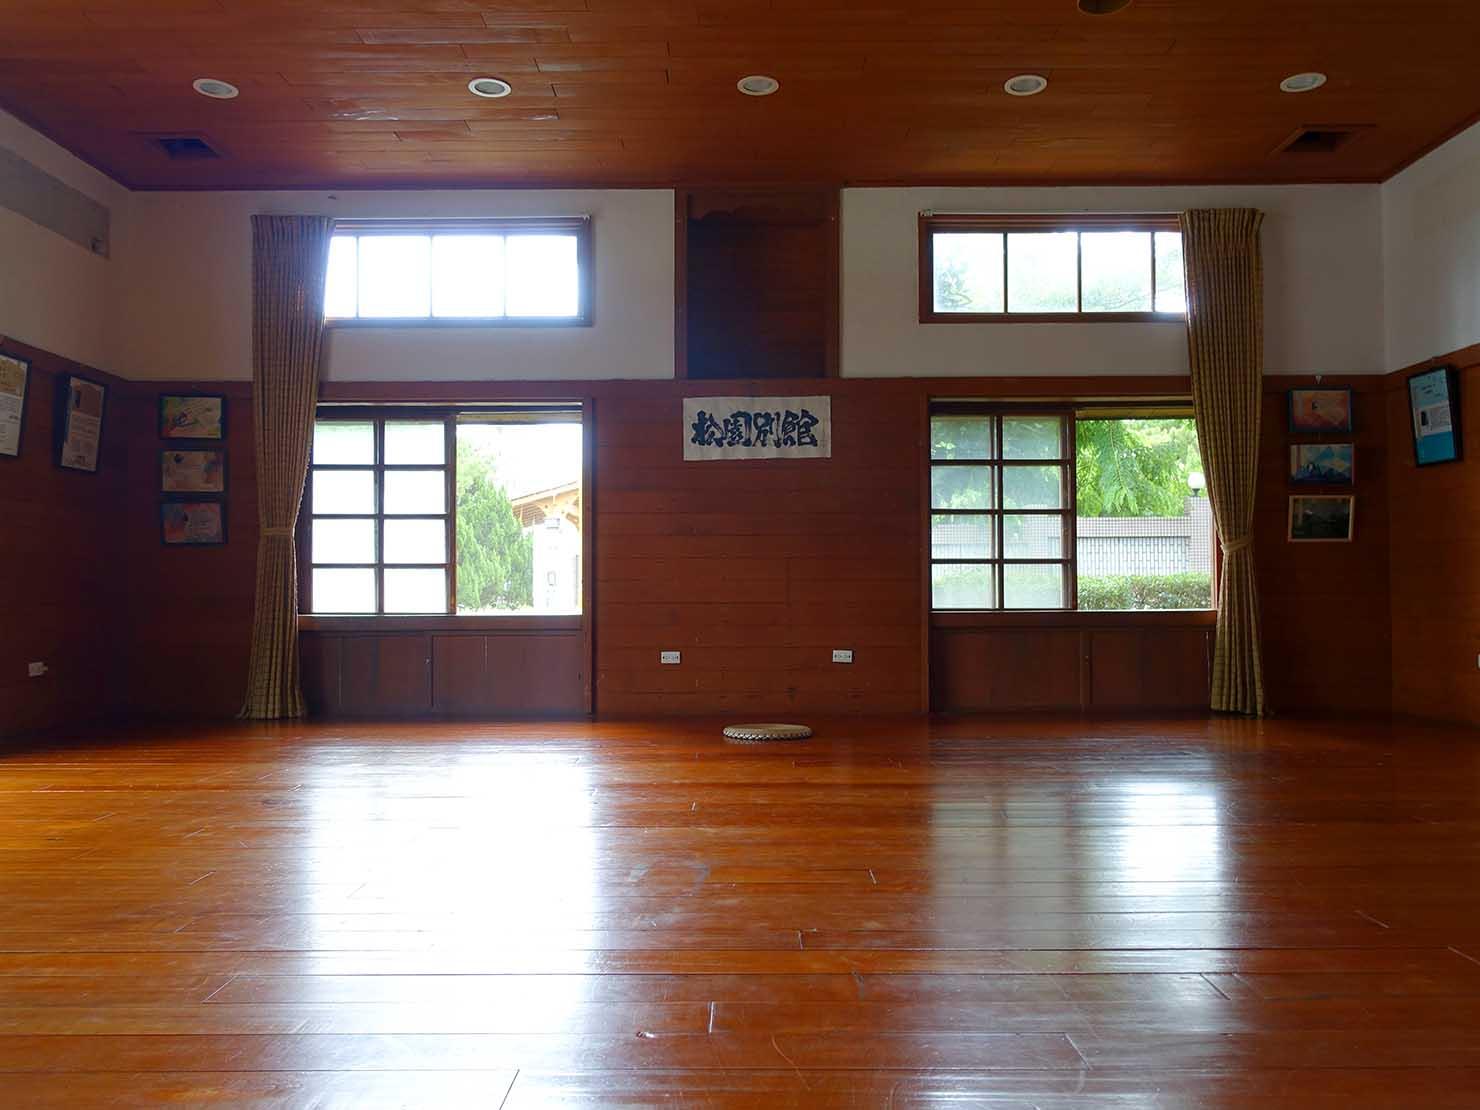 台湾・花蓮のおすすめ観光スポット「松園別館」の木造小屋内部